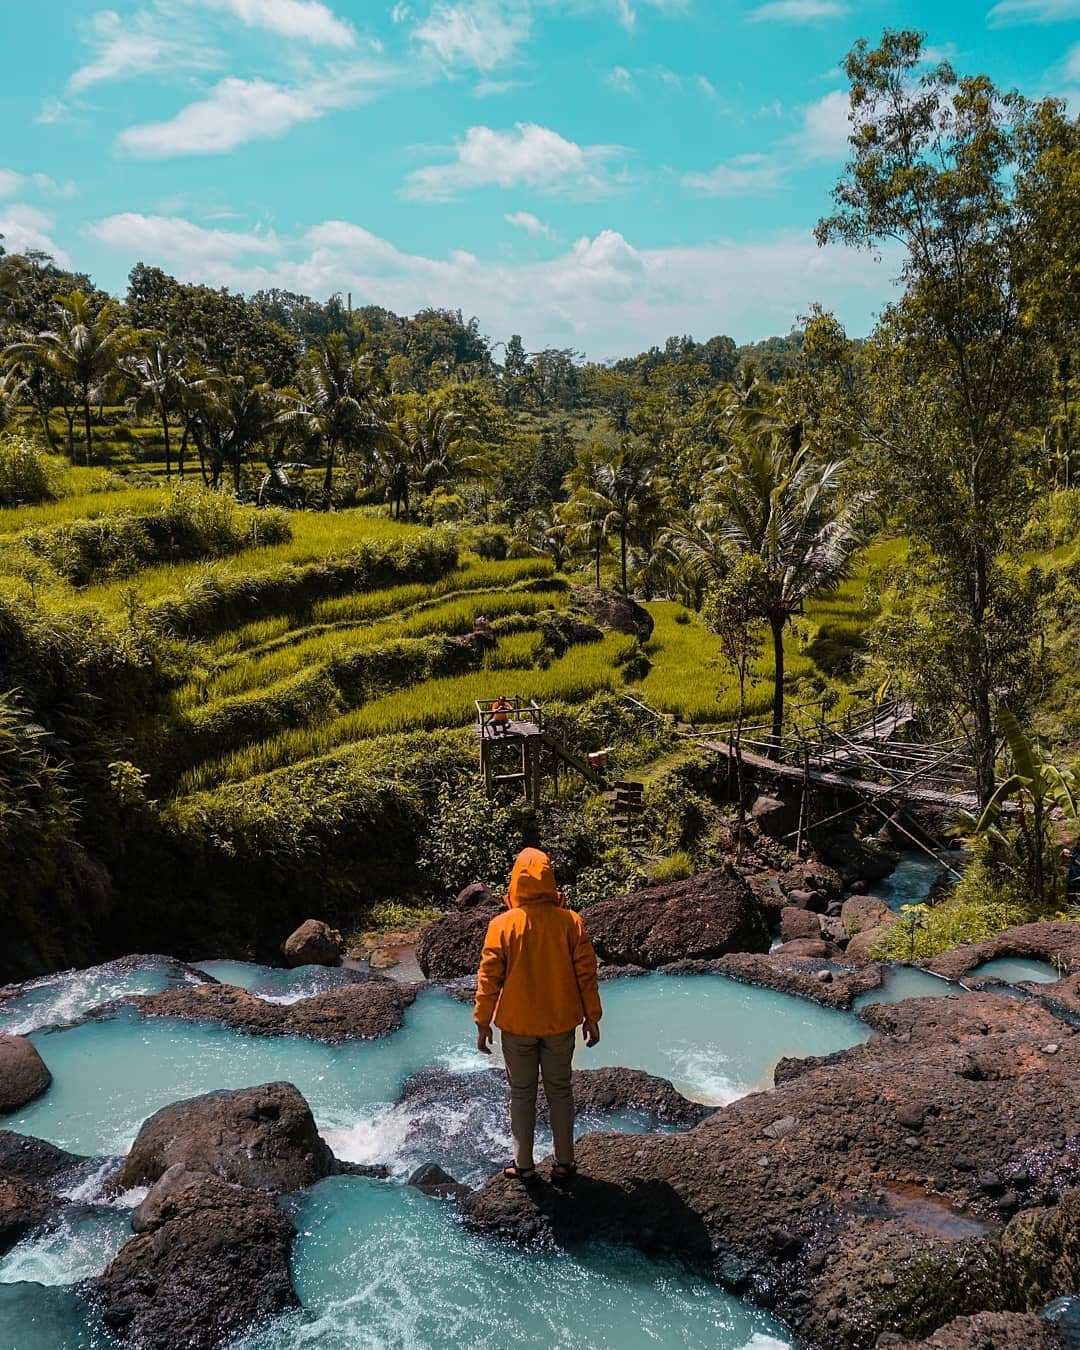 Foto Instagramable di Air Terjun Kedung Kandang, Image From @jejak_penjelajah